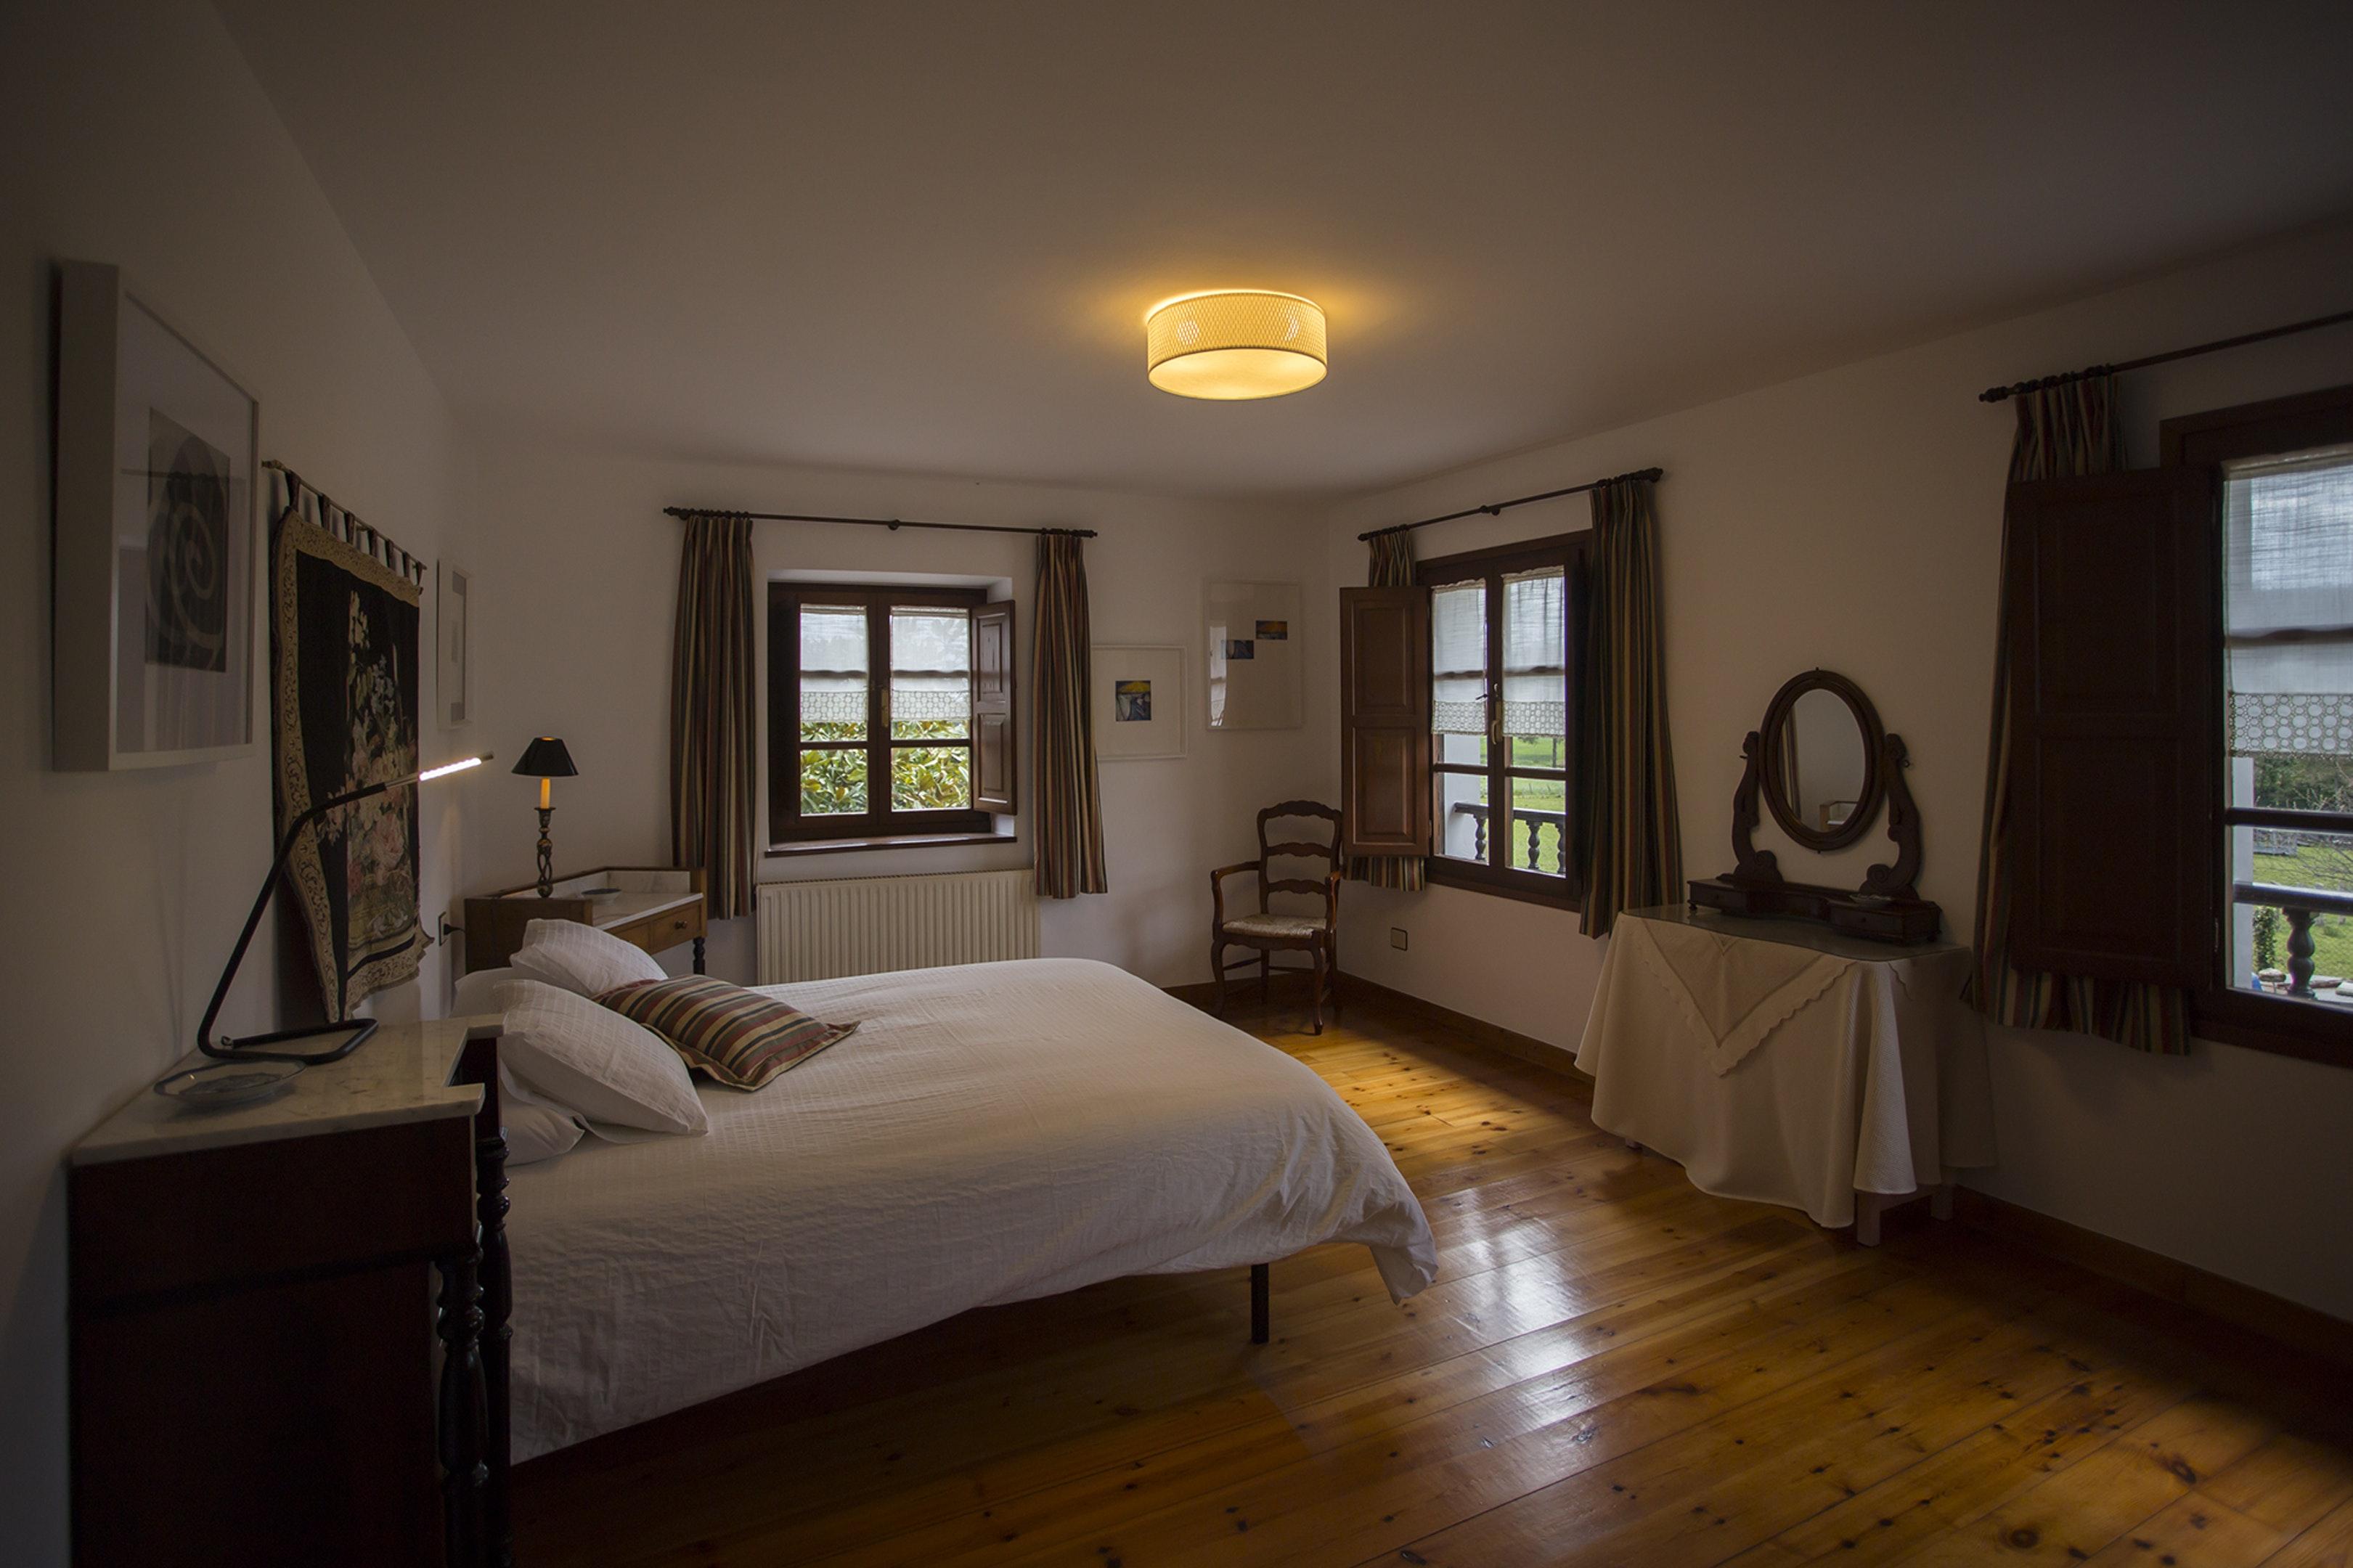 Ferienhaus Haus mit 7 Schlafzimmern in Villaviciosa mit toller Aussicht auf die Berge, eingezäuntem G (2239815), Villaverde, Costa Verde (ES), Asturien, Spanien, Bild 7